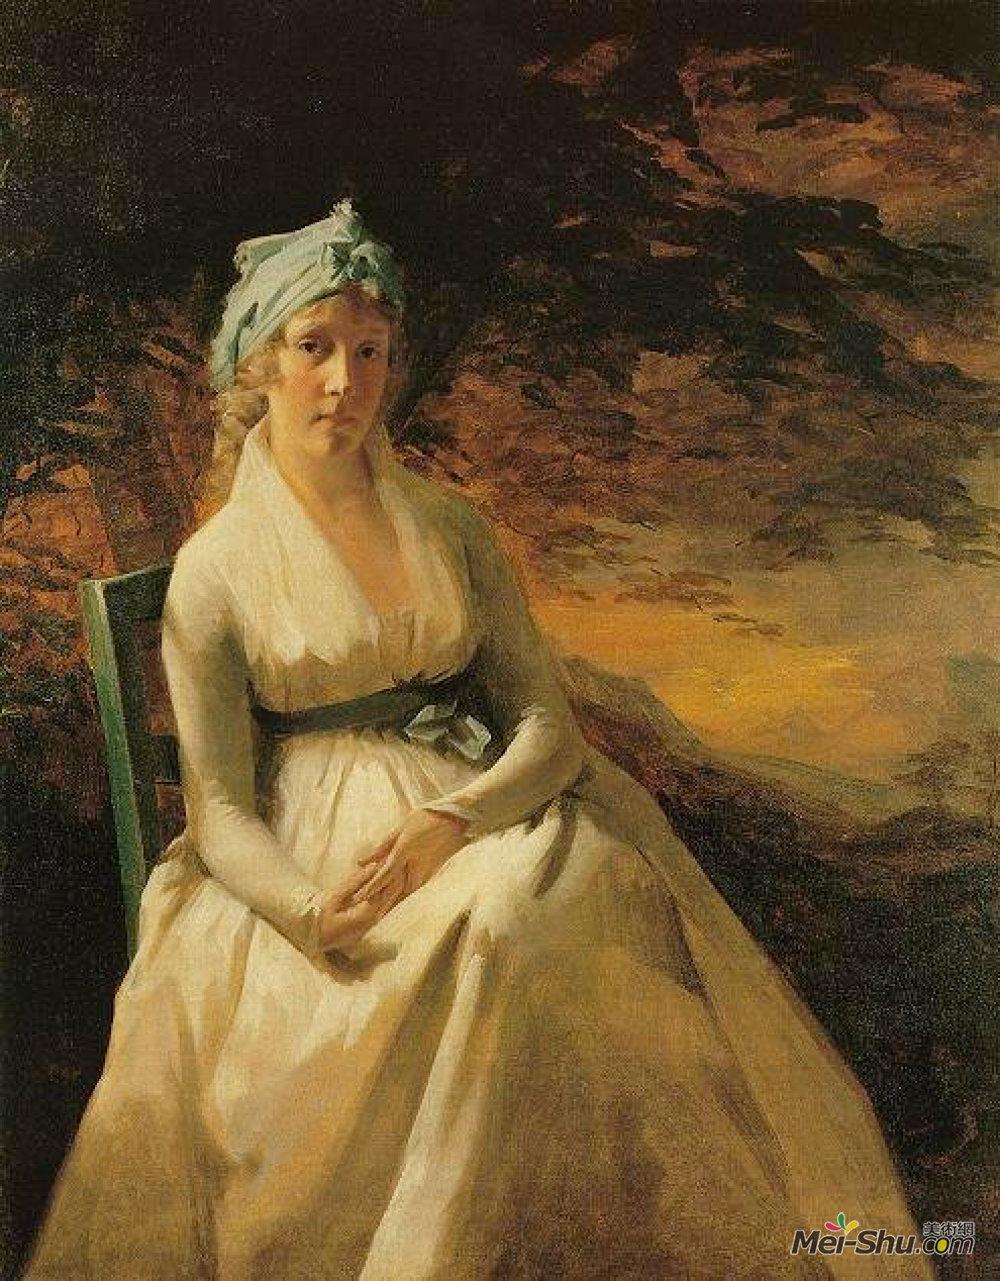 亨利·雷本(Henry Raeburn)高清作品《安得烈夫人画像》